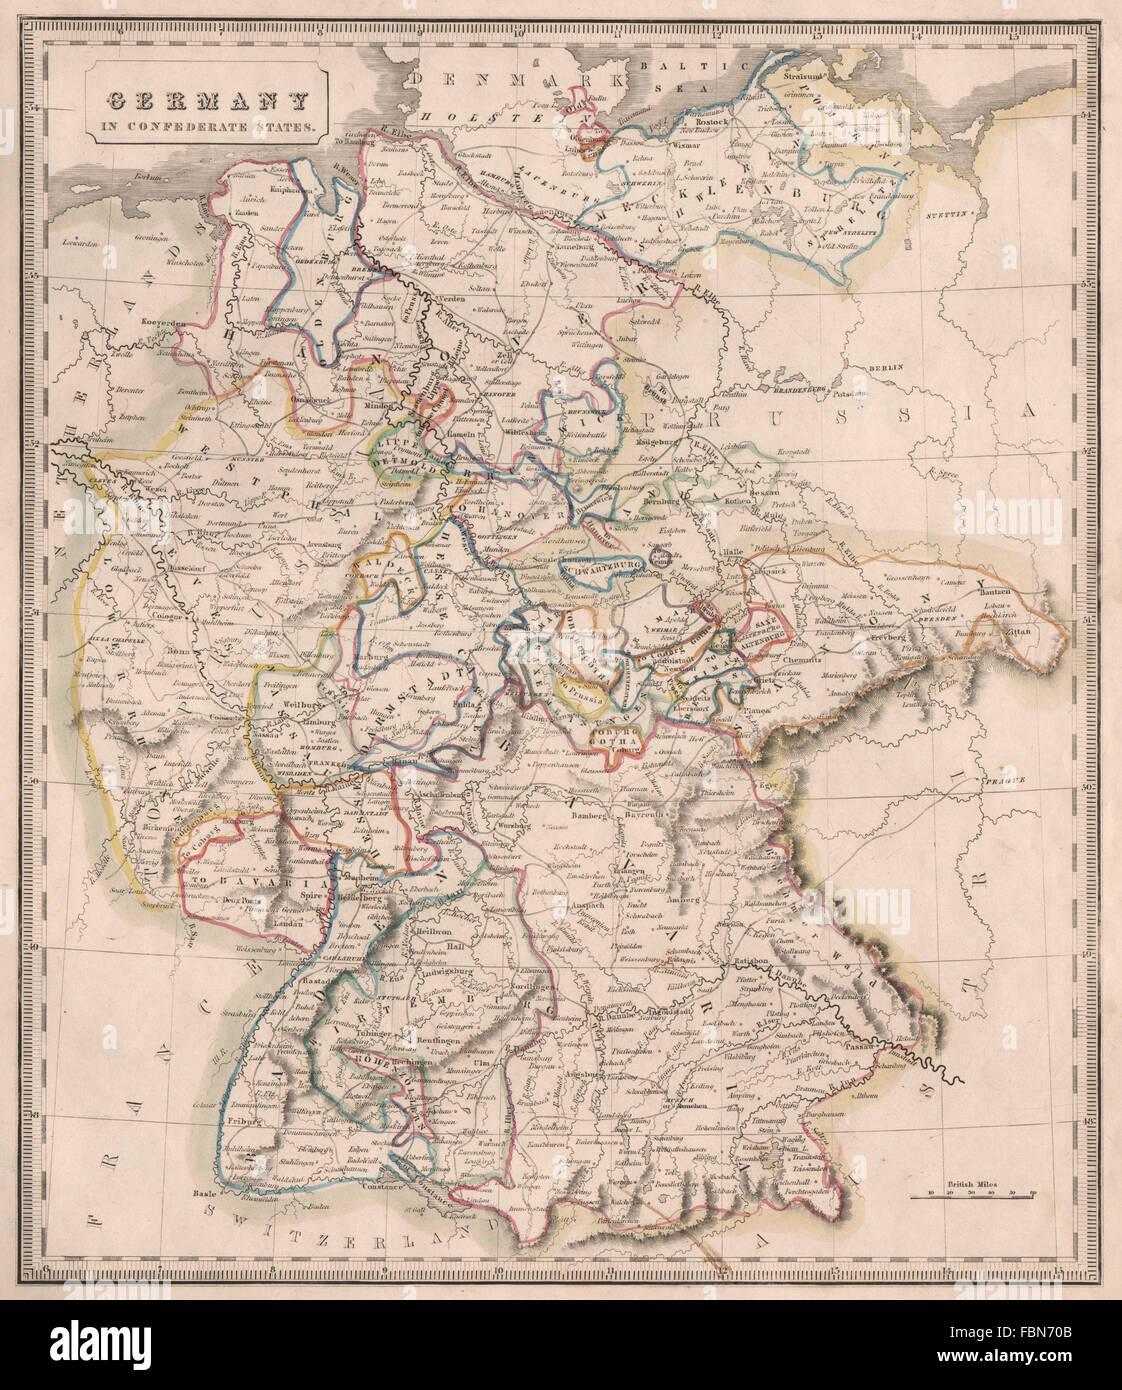 Bayern Karte Flüsse.Deutschland Im Konföderierten Staaten Flüssen Bayern Hannover C